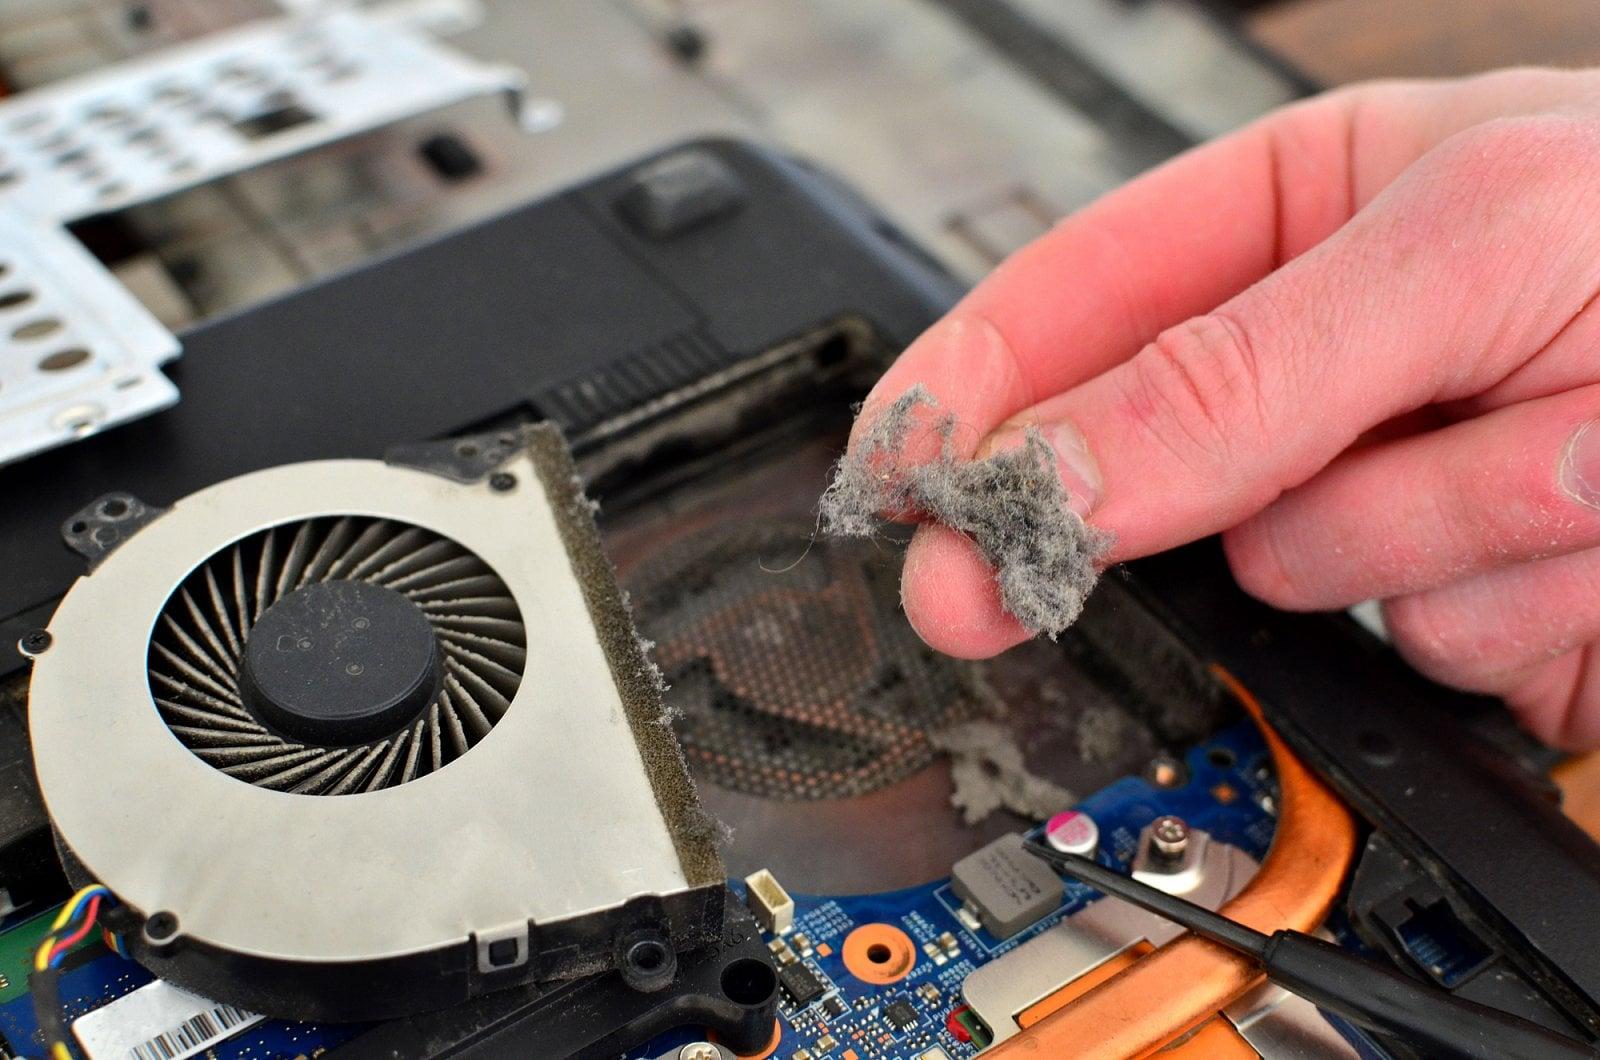 Jak může vypadat nečištěný počítač